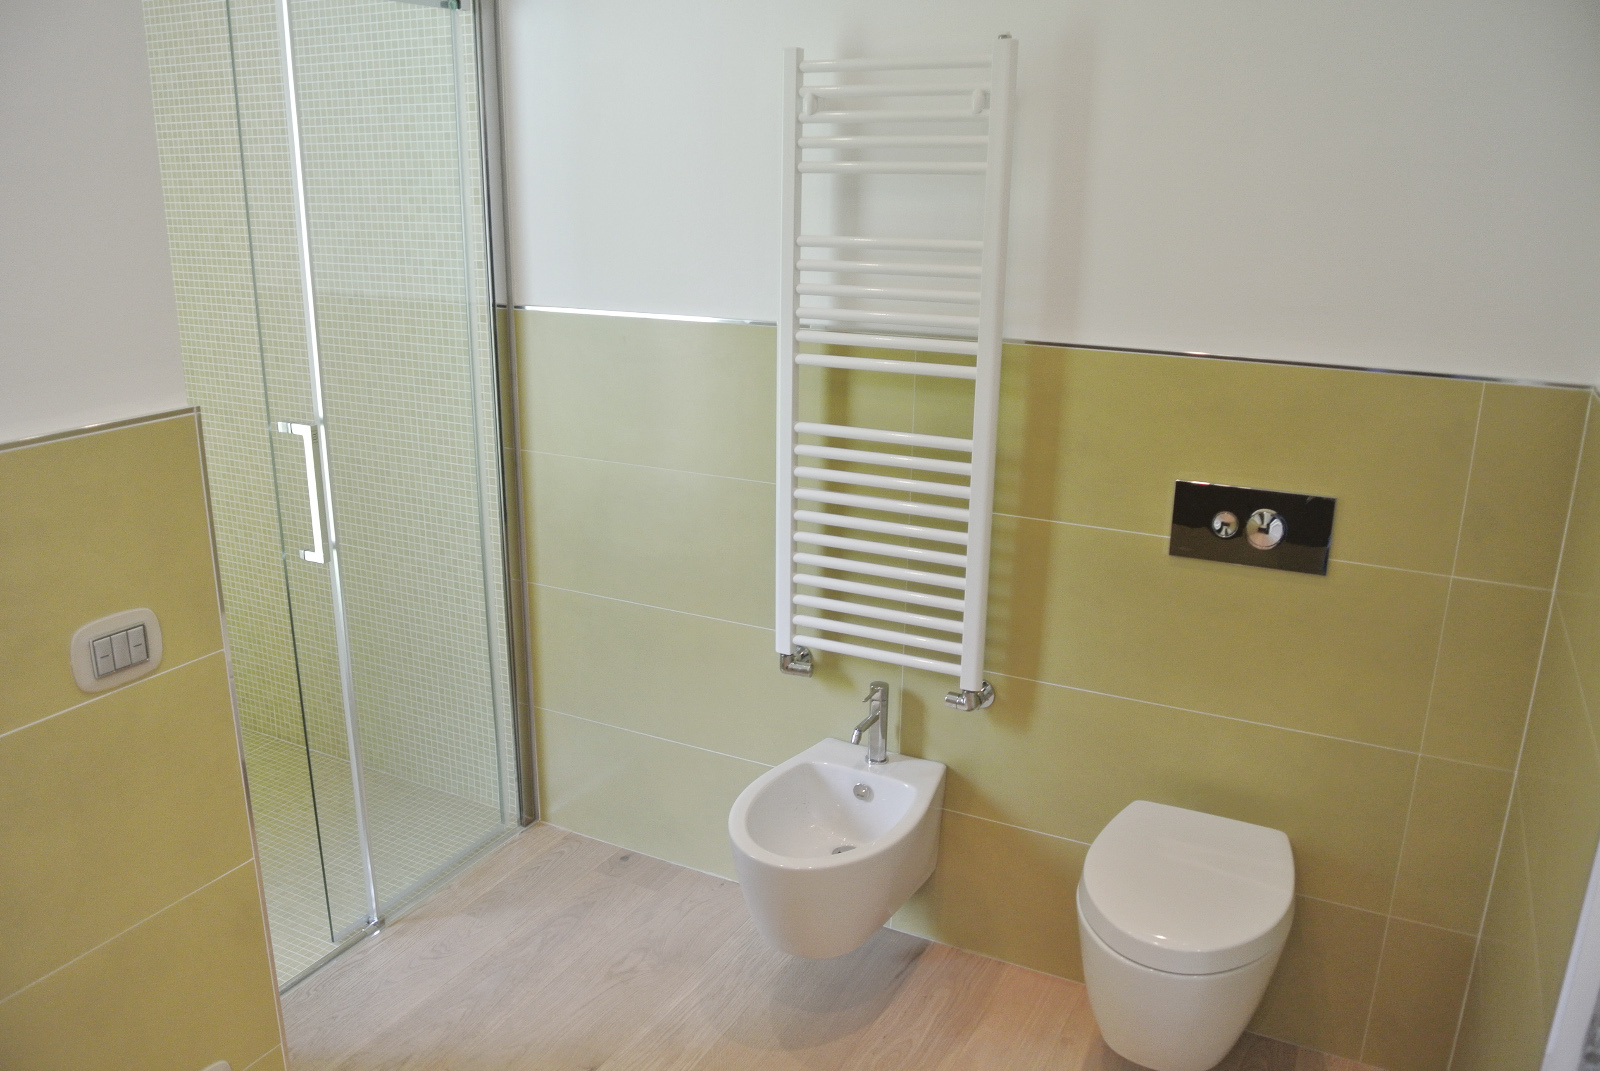 Works sintesibagno progetto e realizzazione arredobagno bagno wellness - Sintesi bagno verbania ...